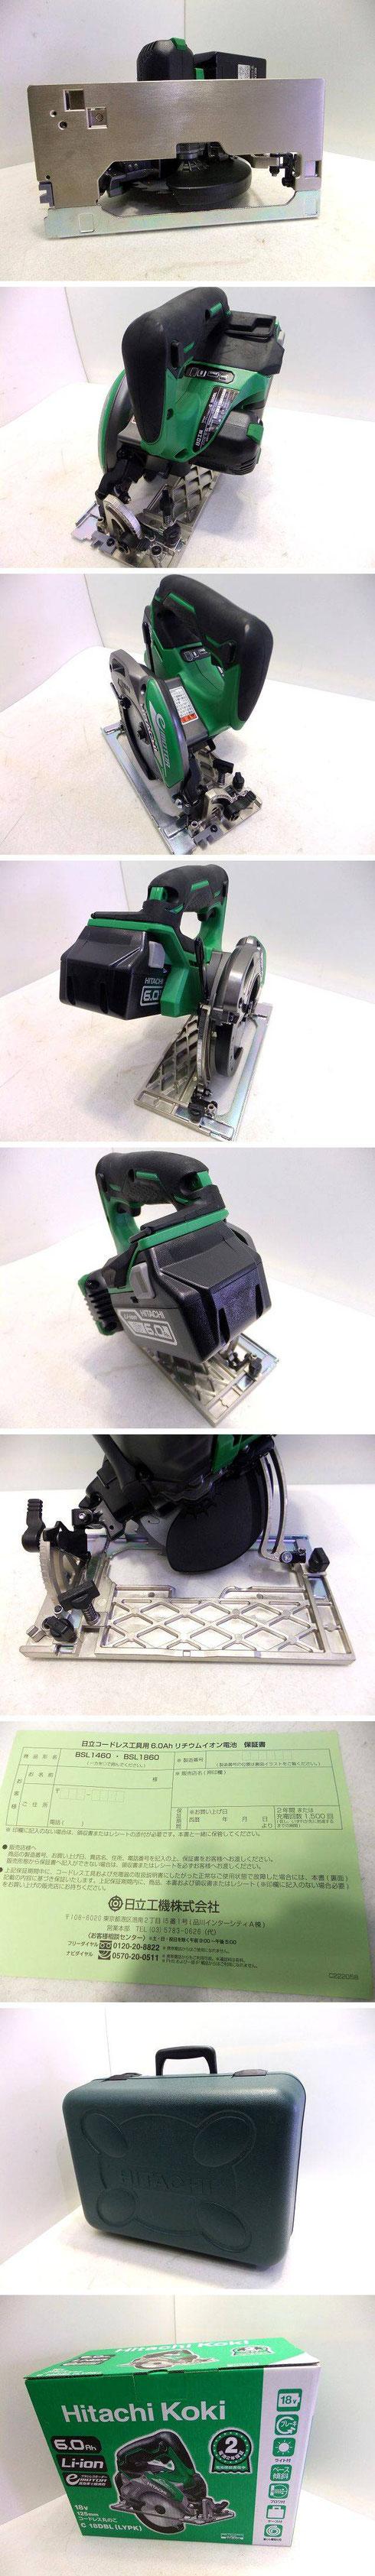 新品・未使用品 18V6.0Ah キックバック軽減システム、電子式スイッチ、独自のプラス機能、電池2年保証(6.0Ahリチウムイオン電池)